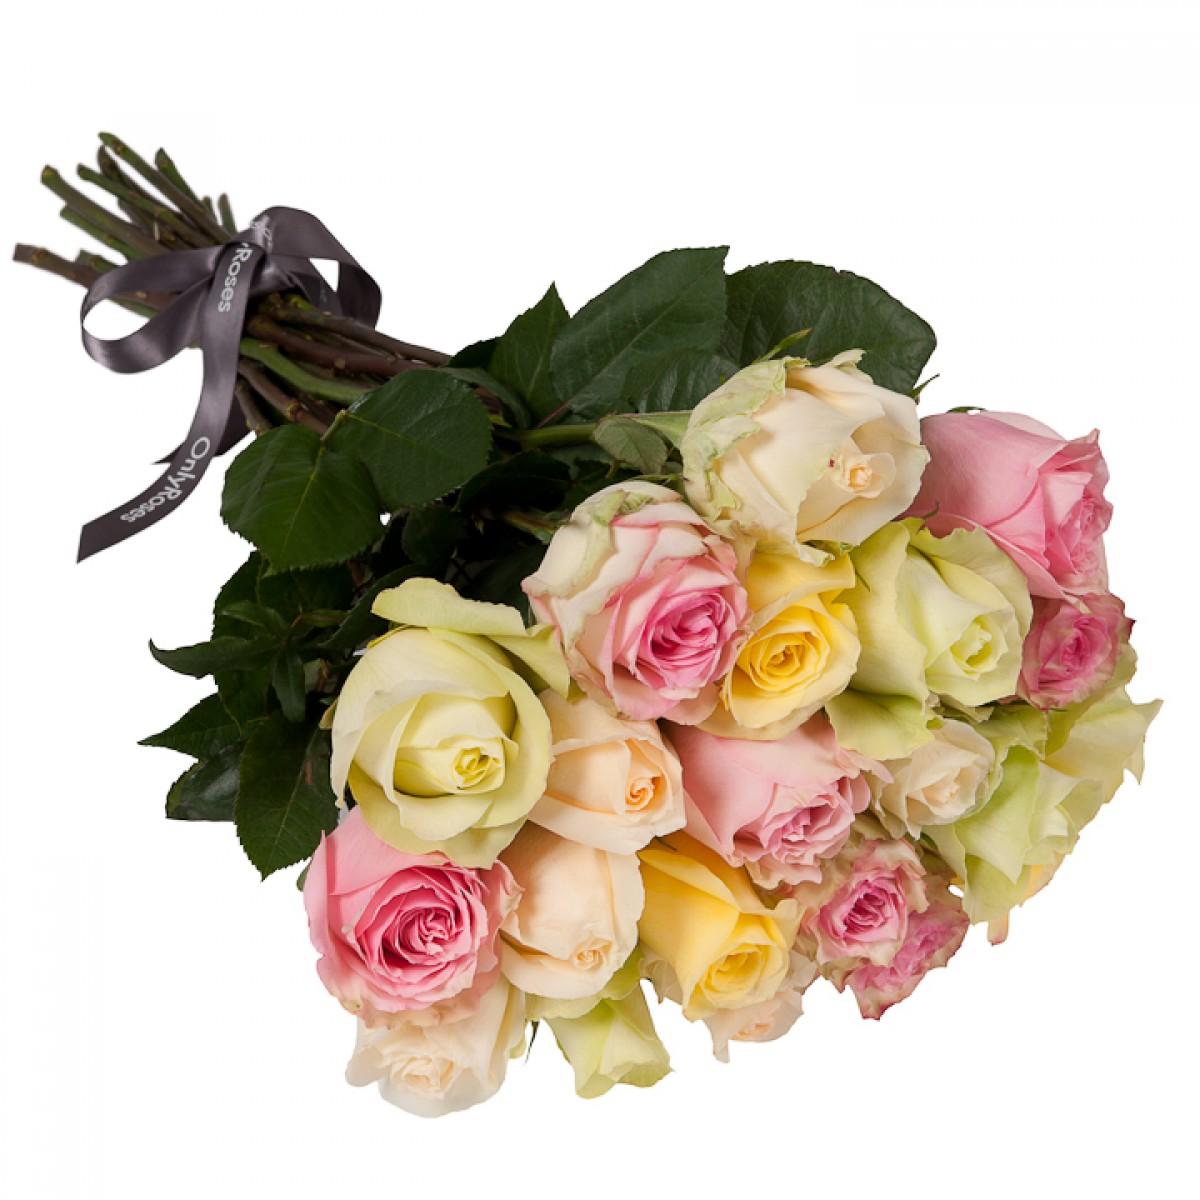 Букет от 11 до 15 рози в пастелна гама (ти избираш броя)